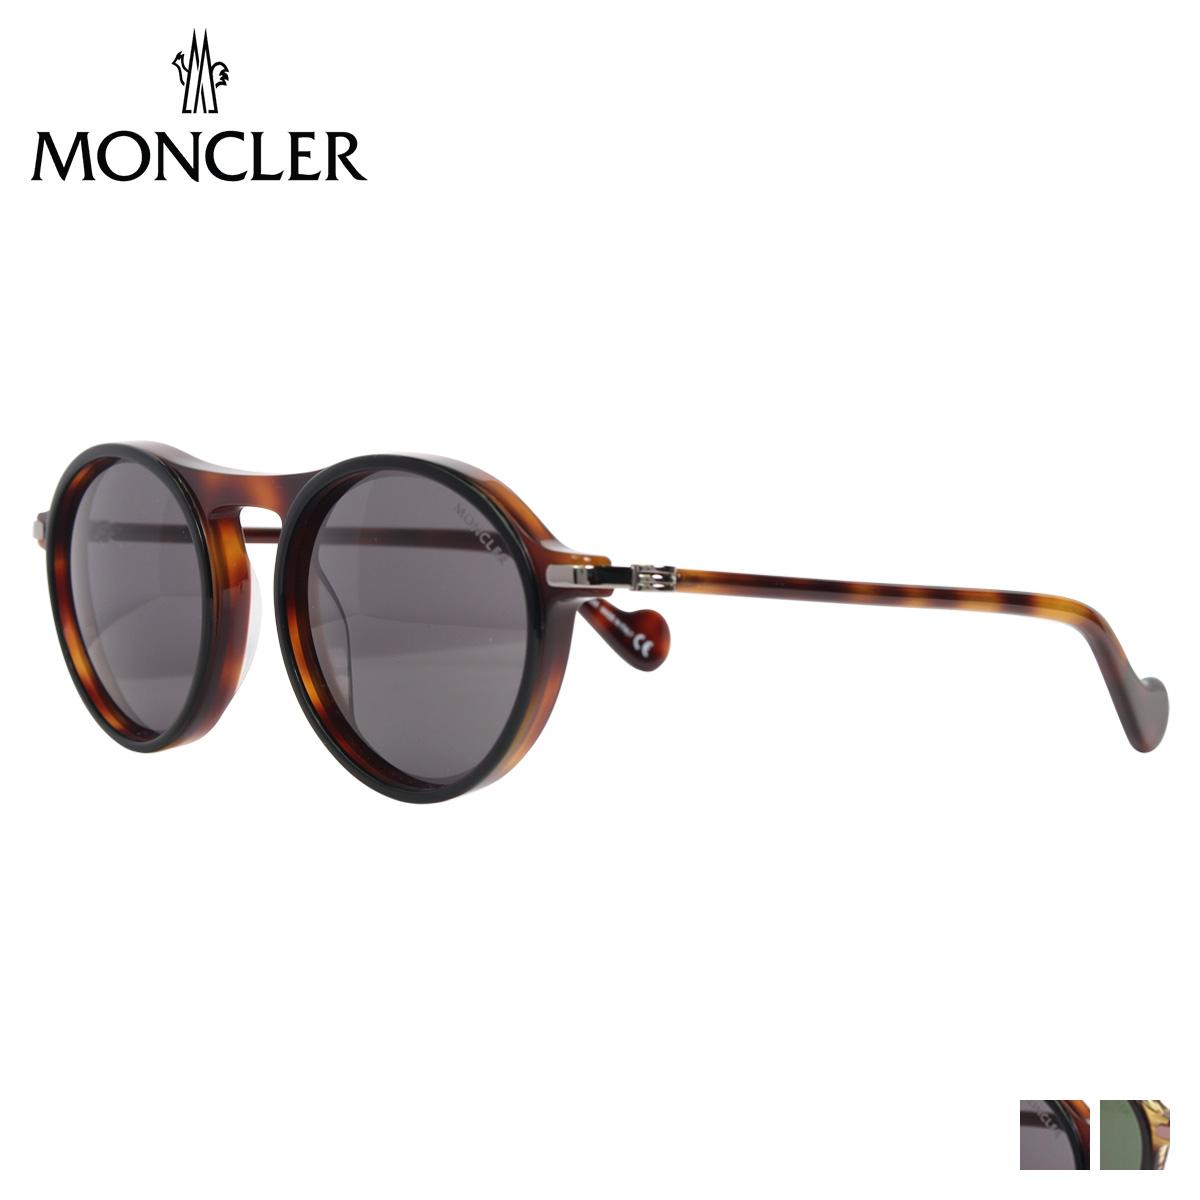 MONCLER モンクレール サングラス メンズ レディース UVカット ウェリントン SUNGLASSES ブラウン ML0103